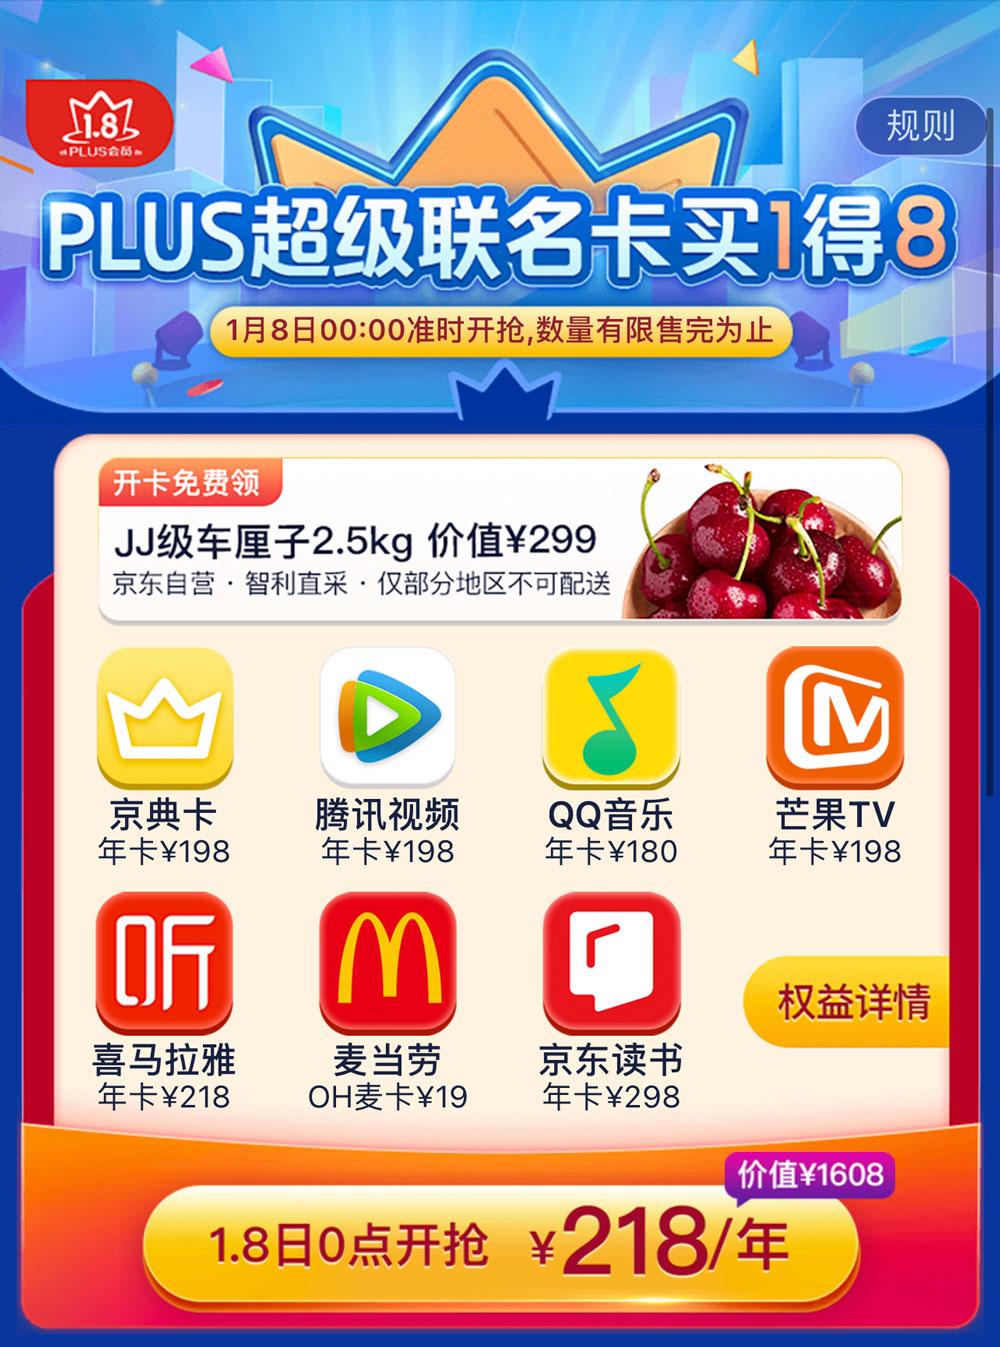 京东Plus会员活动 买1得8